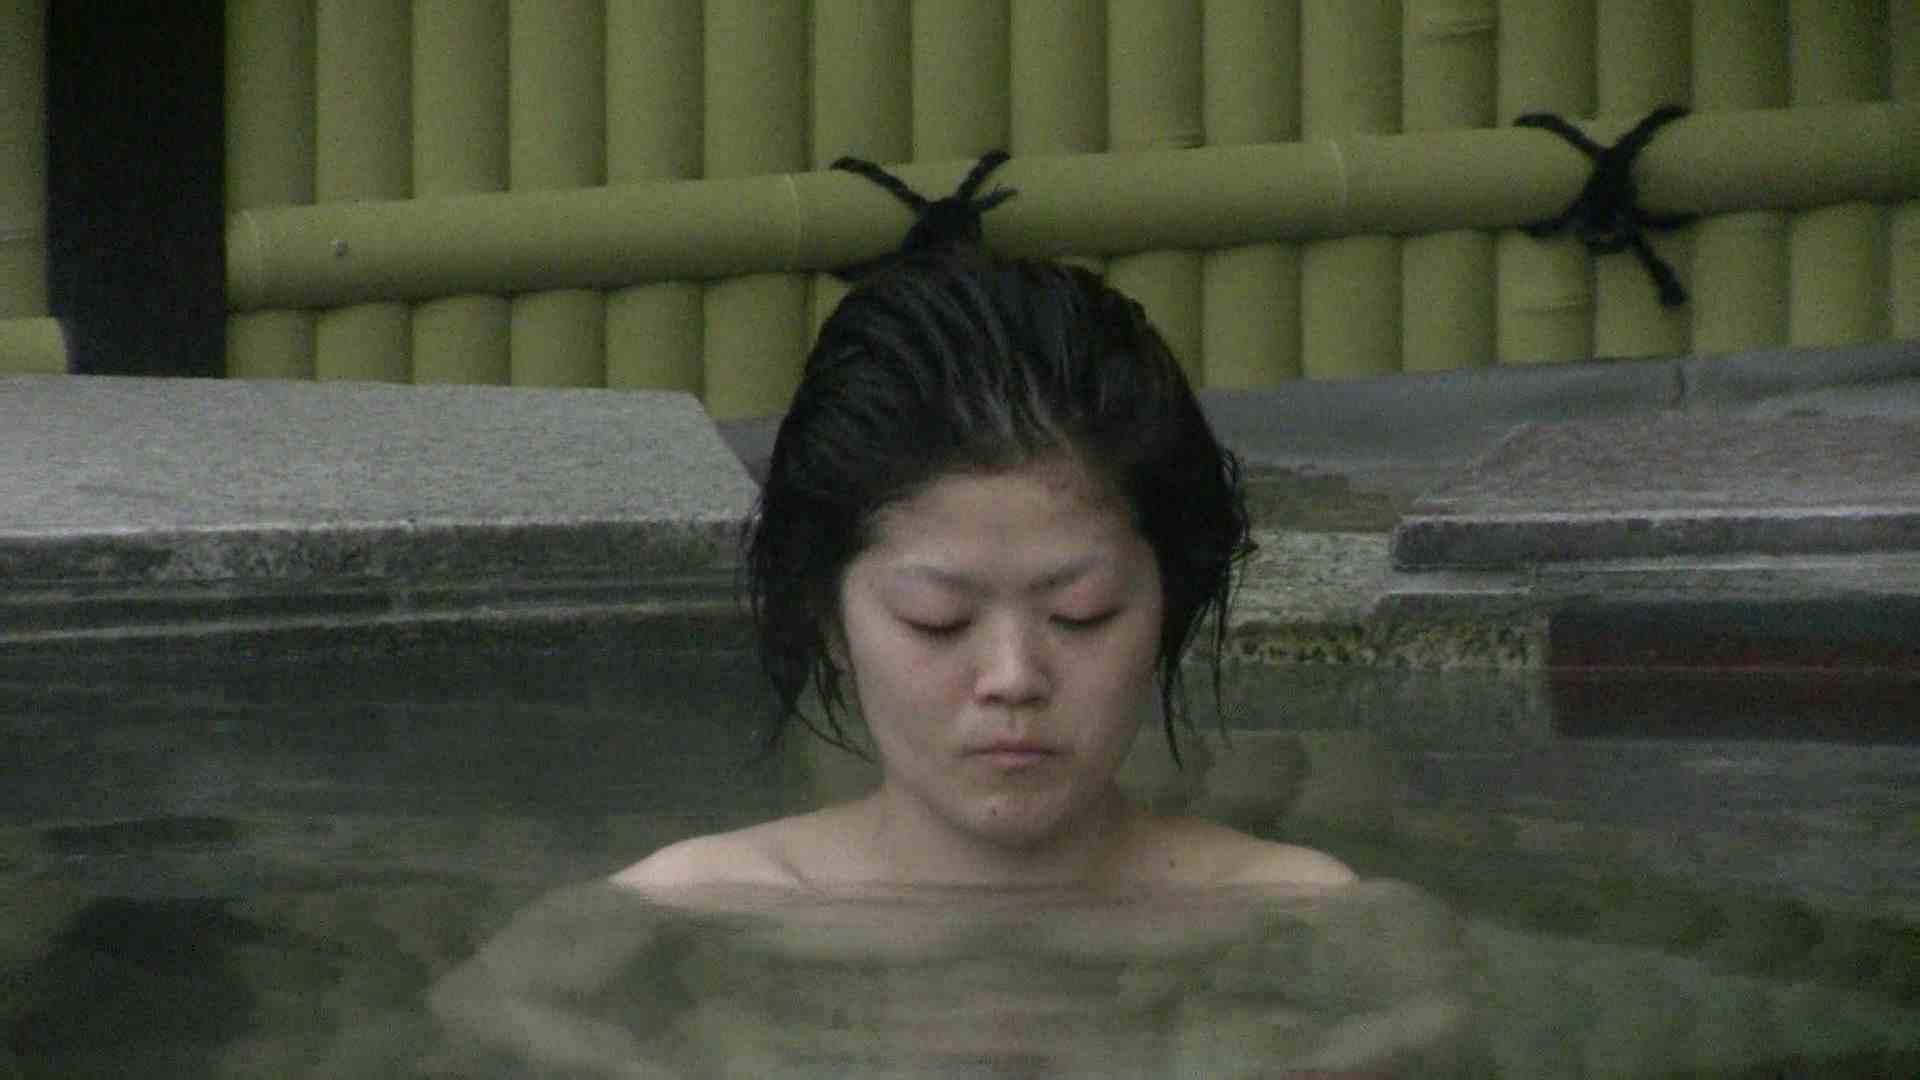 Aquaな露天風呂Vol.538 露天 | 盗撮  48pic 32